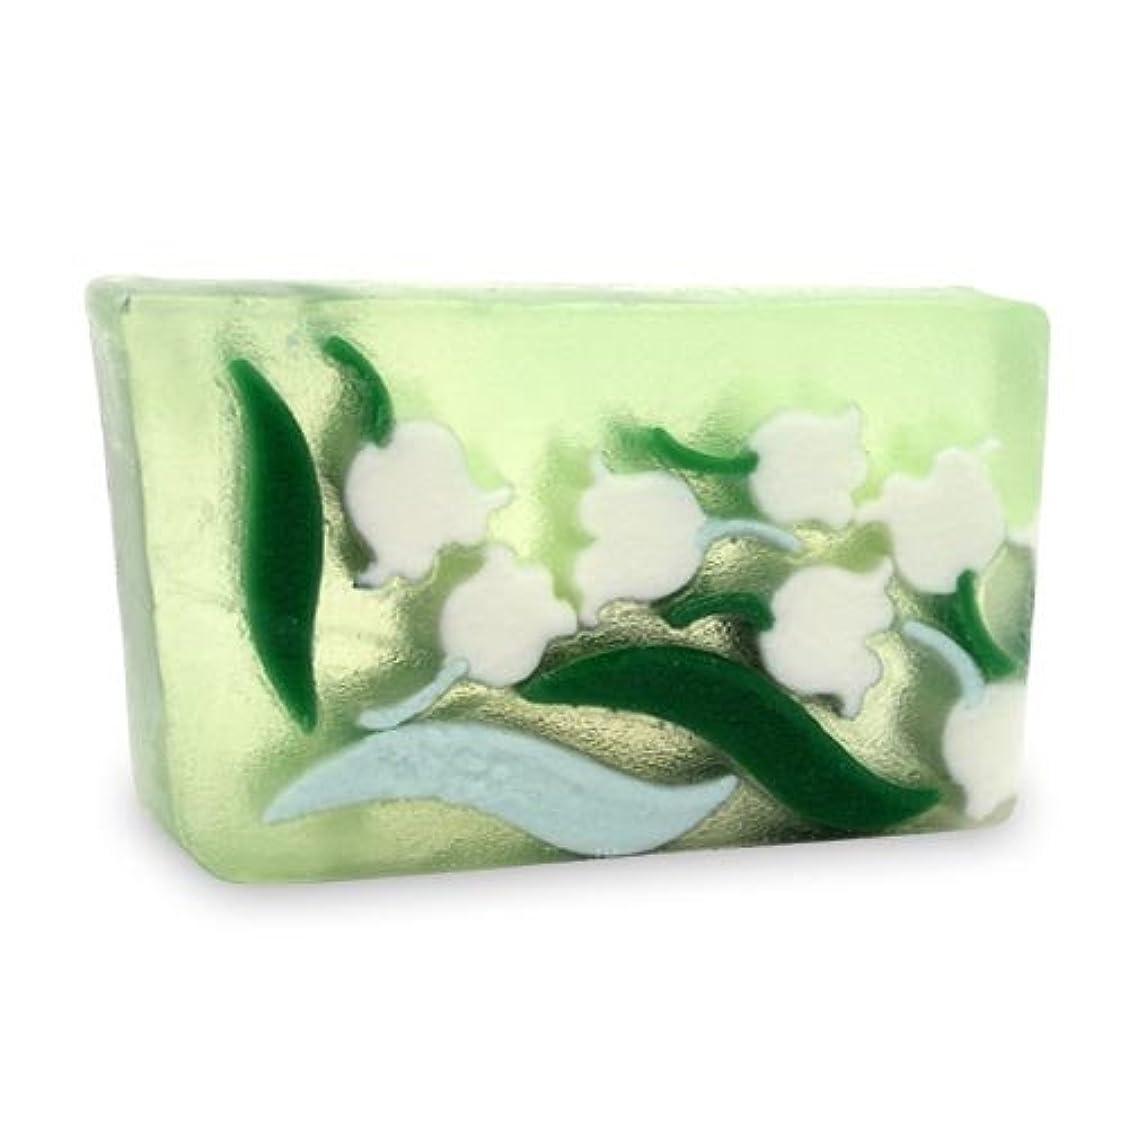 感情のドロー権限を与えるプライモールエレメンツ アロマティック ソープ ユリ 180g 植物性 ナチュラル 石鹸 無添加